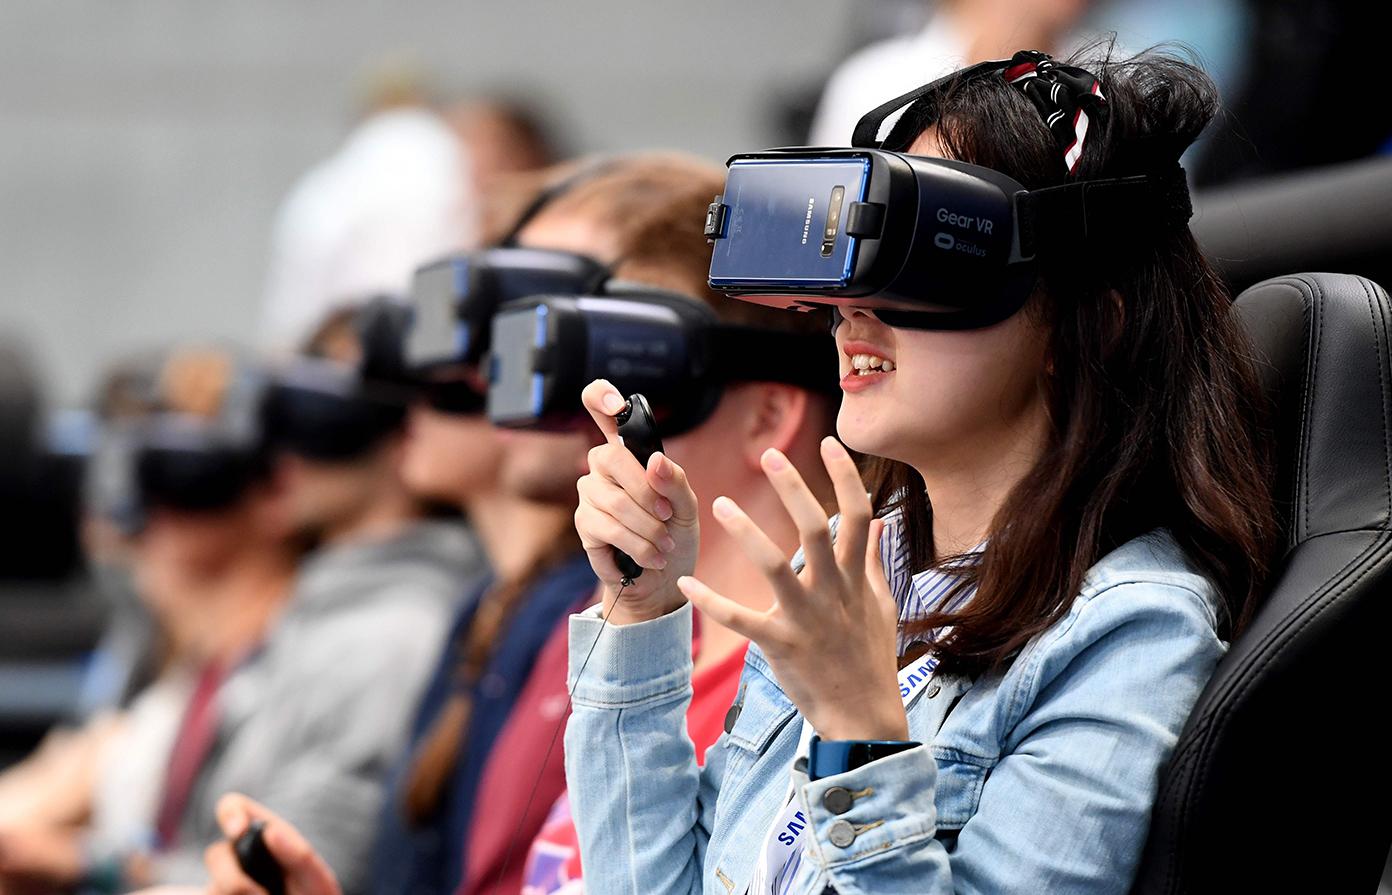 Tendencias tecnológicas vistas en el salón IFA 2017 3